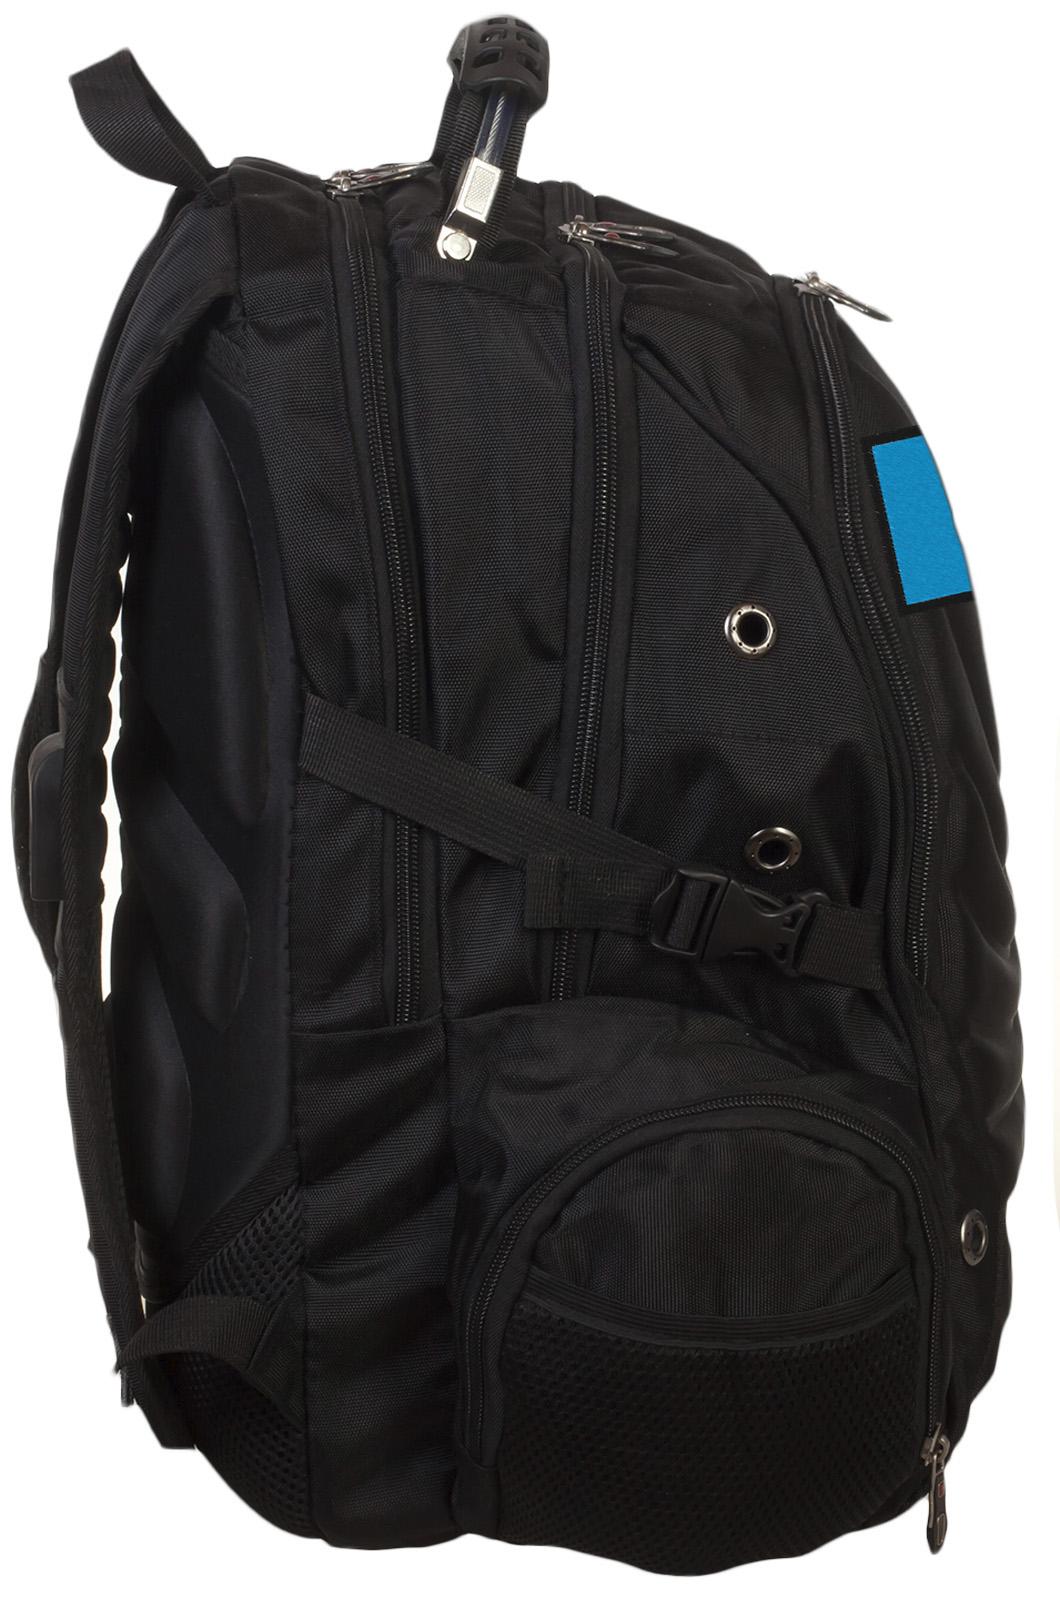 Надежный крутой рюкзак с нашивкой МЧС - заказать выгодно